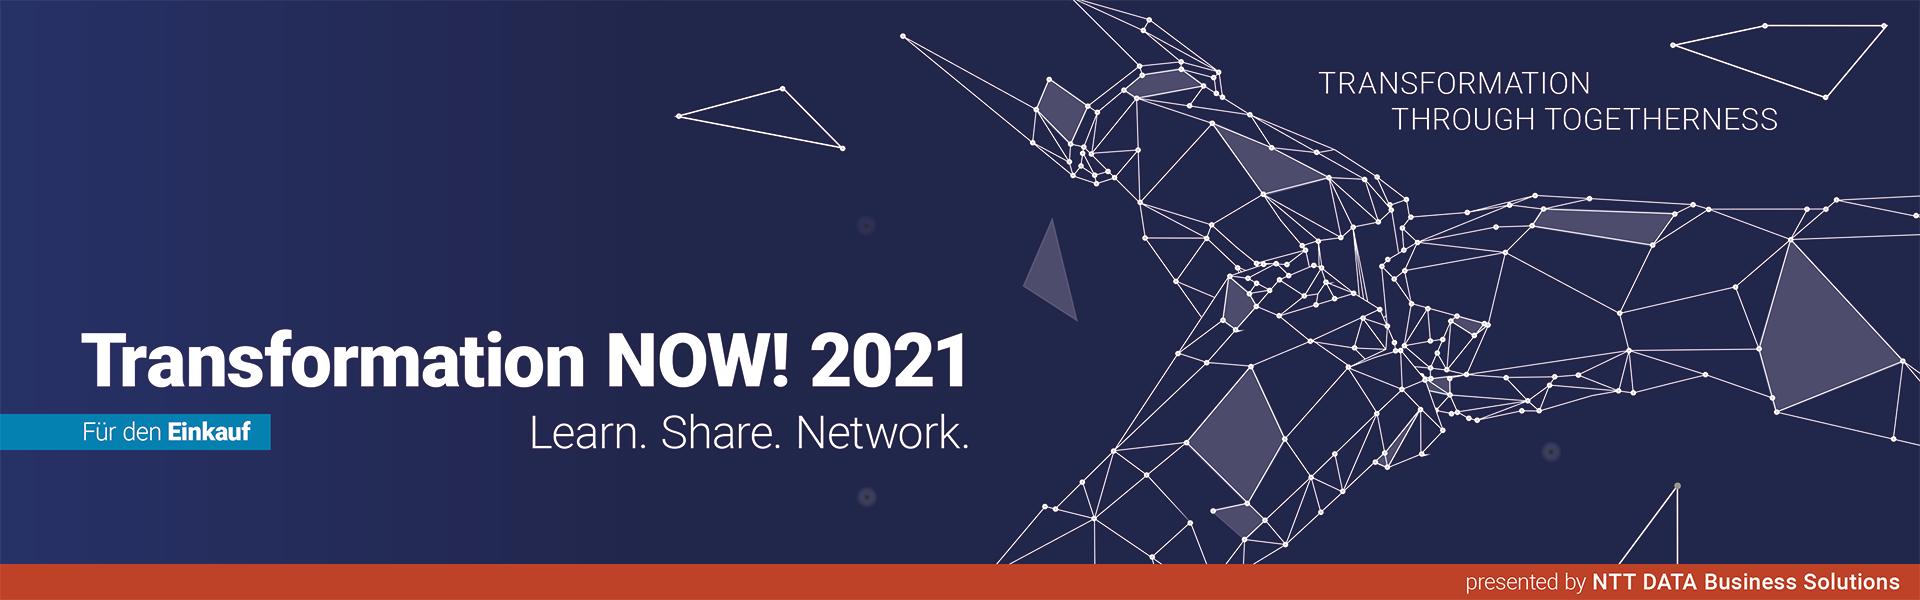 Transformation NOW! 2021 für den Einkauf